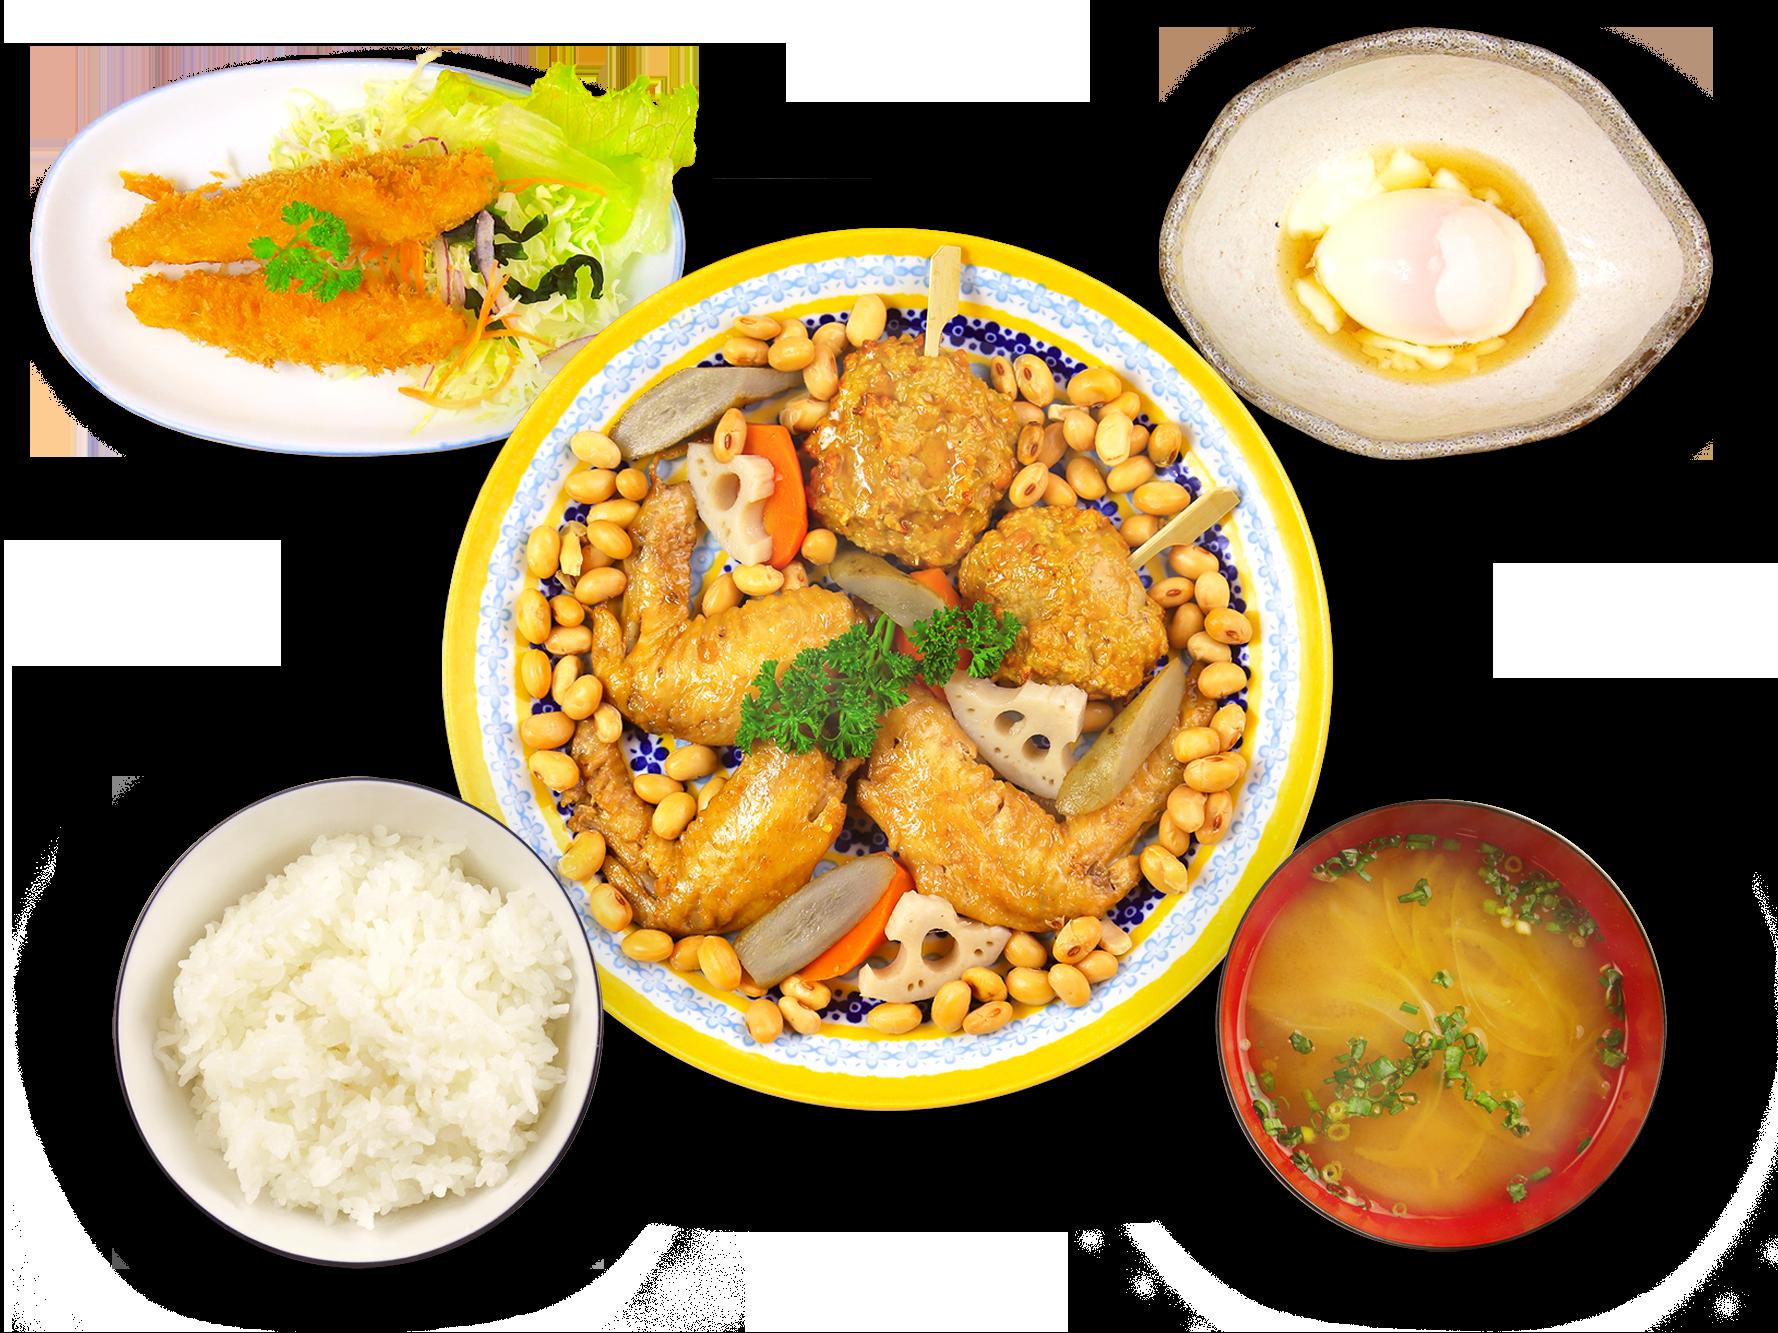 津久井在来大豆のおまめちゃん定食